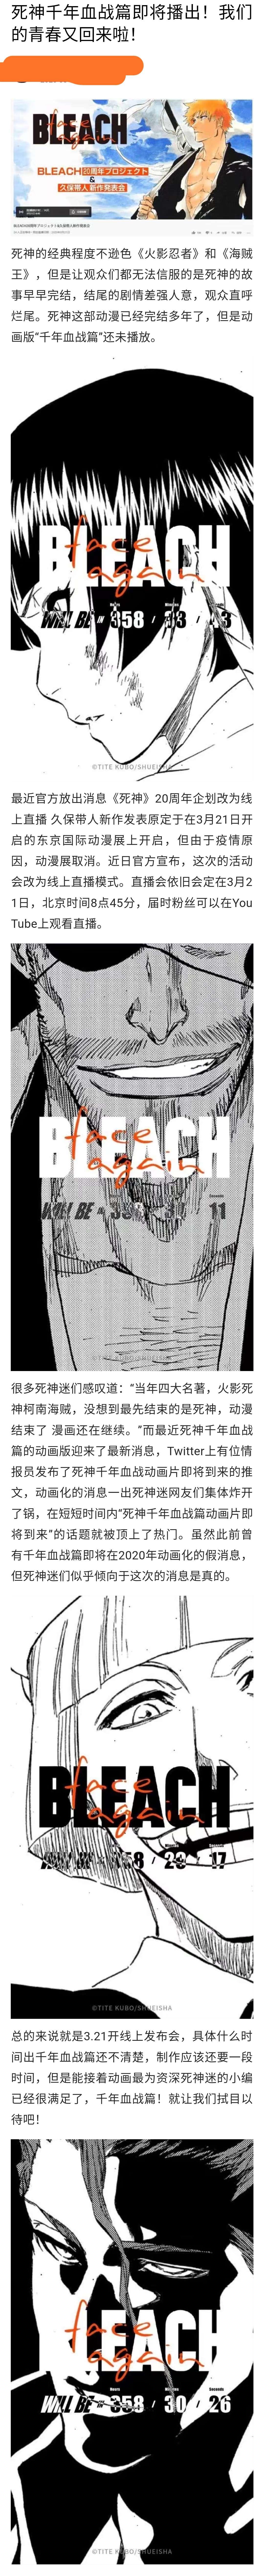 【资讯】TV动画《死神》千年血战篇!